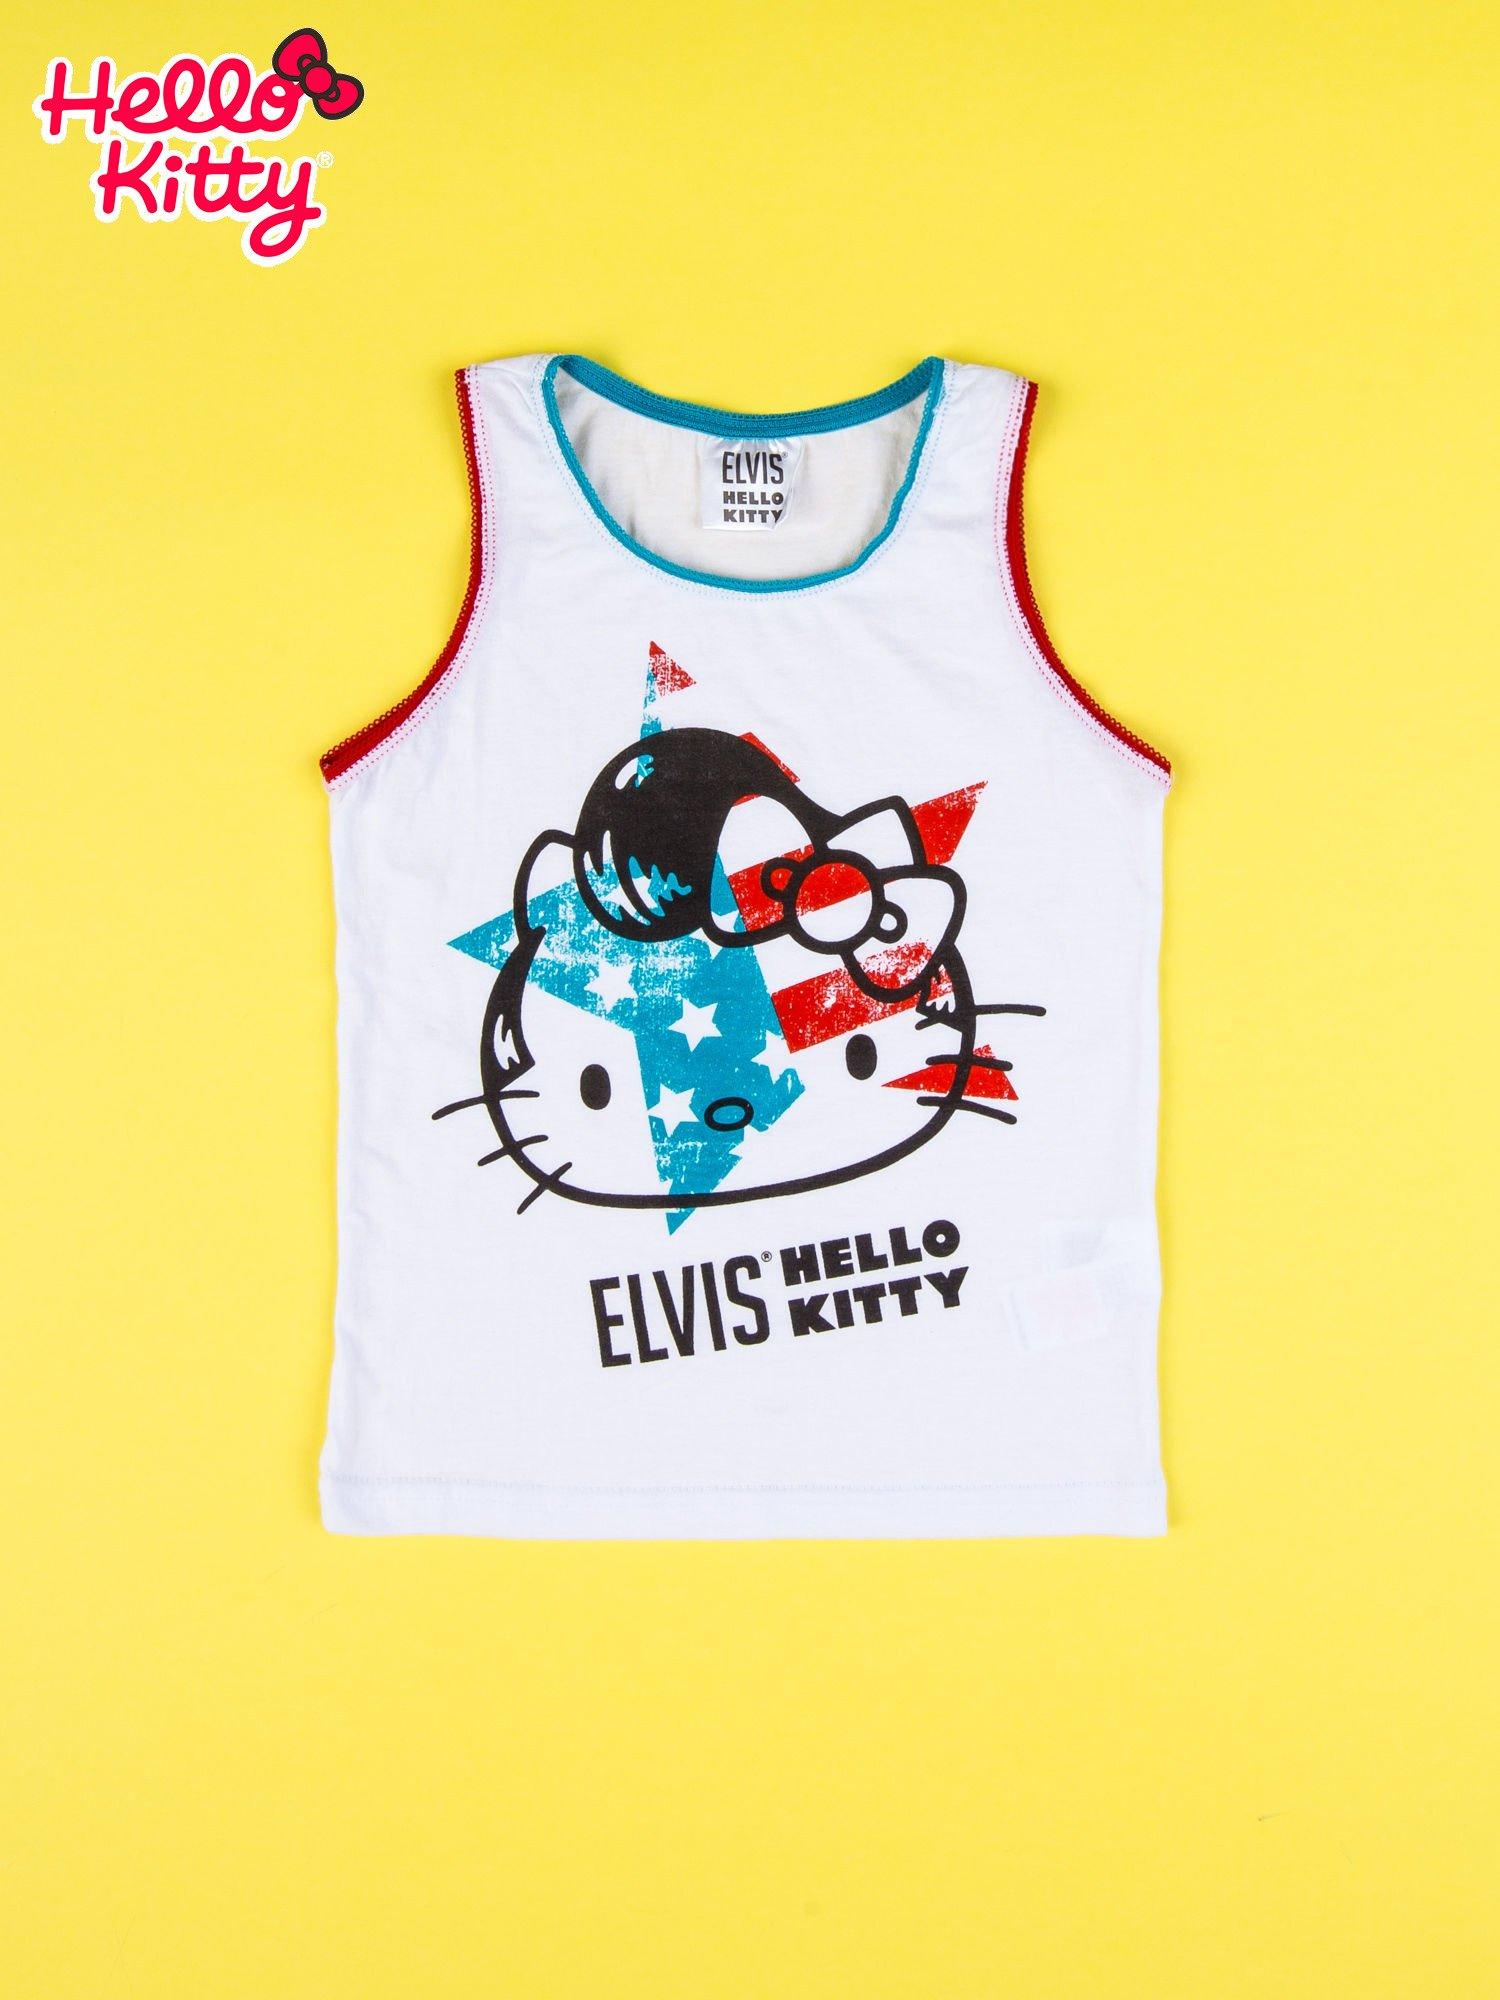 Biały komplet do spania dla dziewczynki z nadrukiem ELVIS HELLO KITTY                                  zdj.                                  3